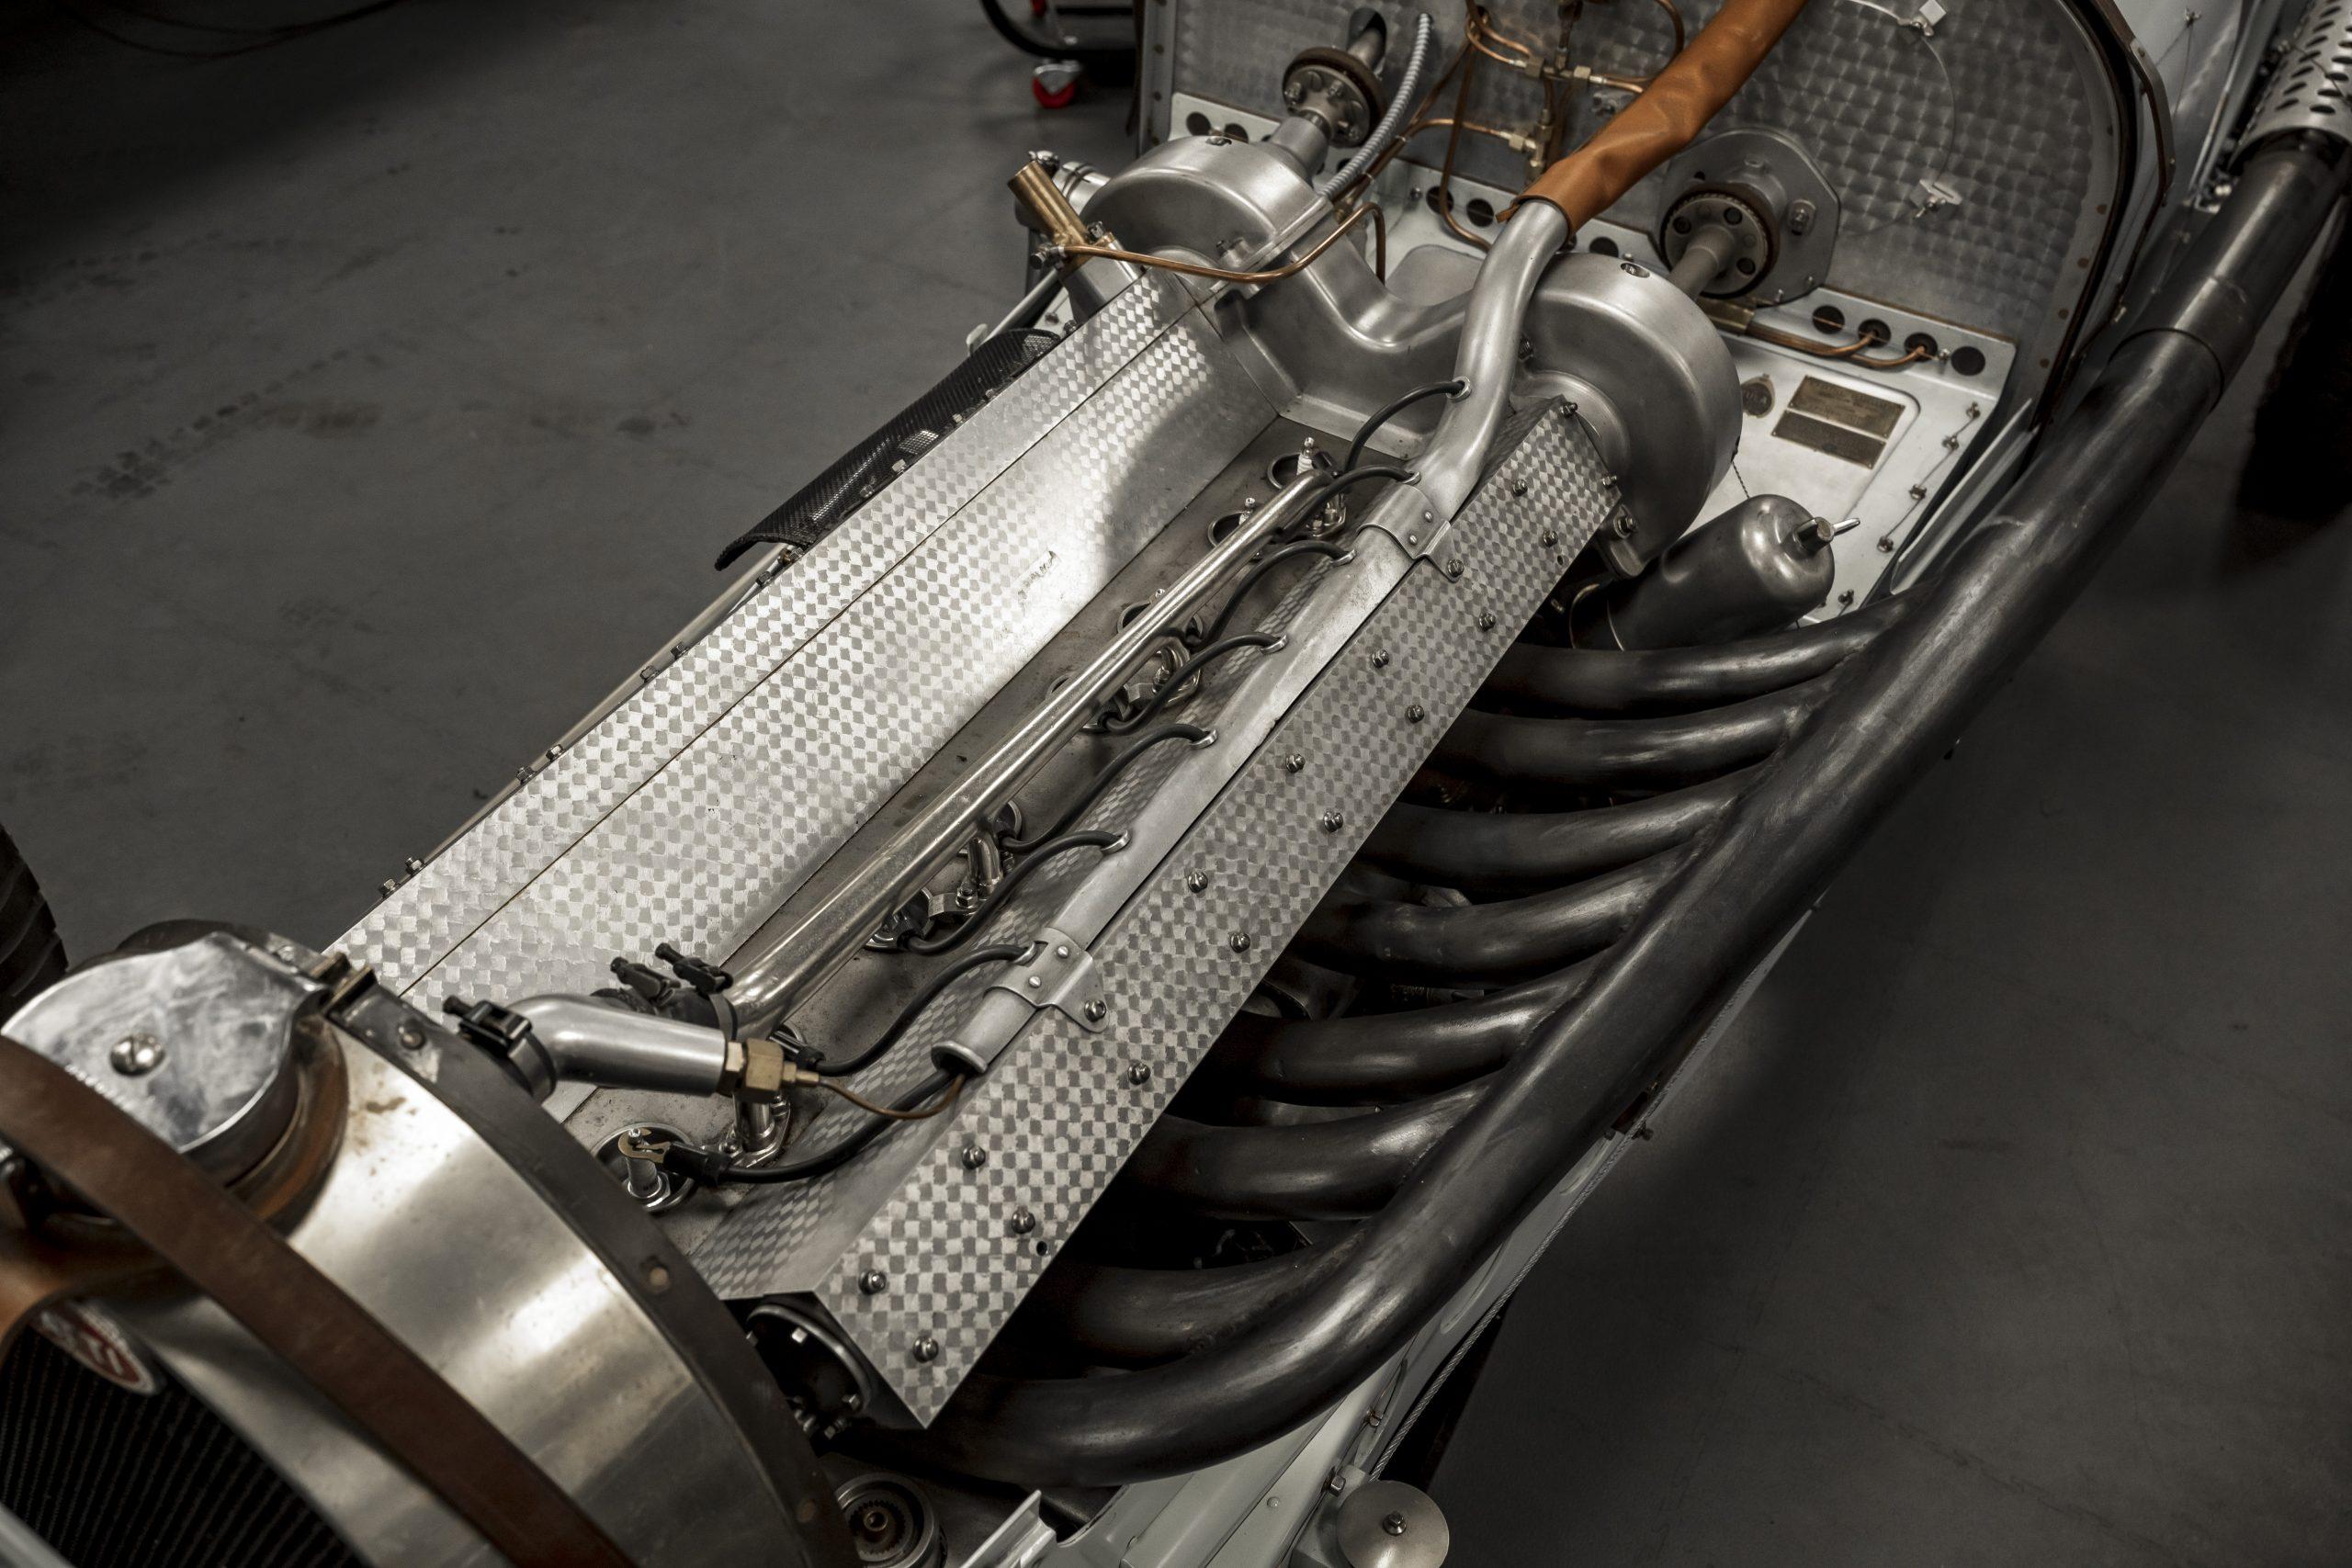 Tula Precision bugatti engine install